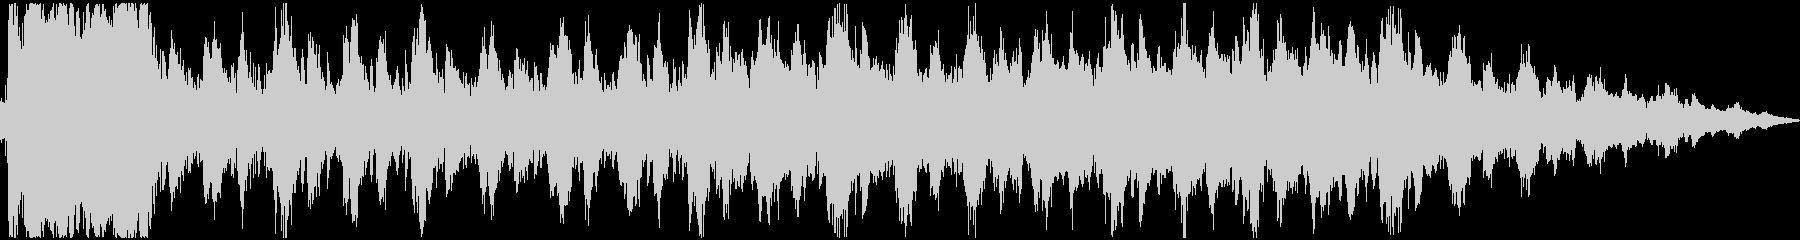 勝利のファンファーレ(ファンタジー系)の未再生の波形